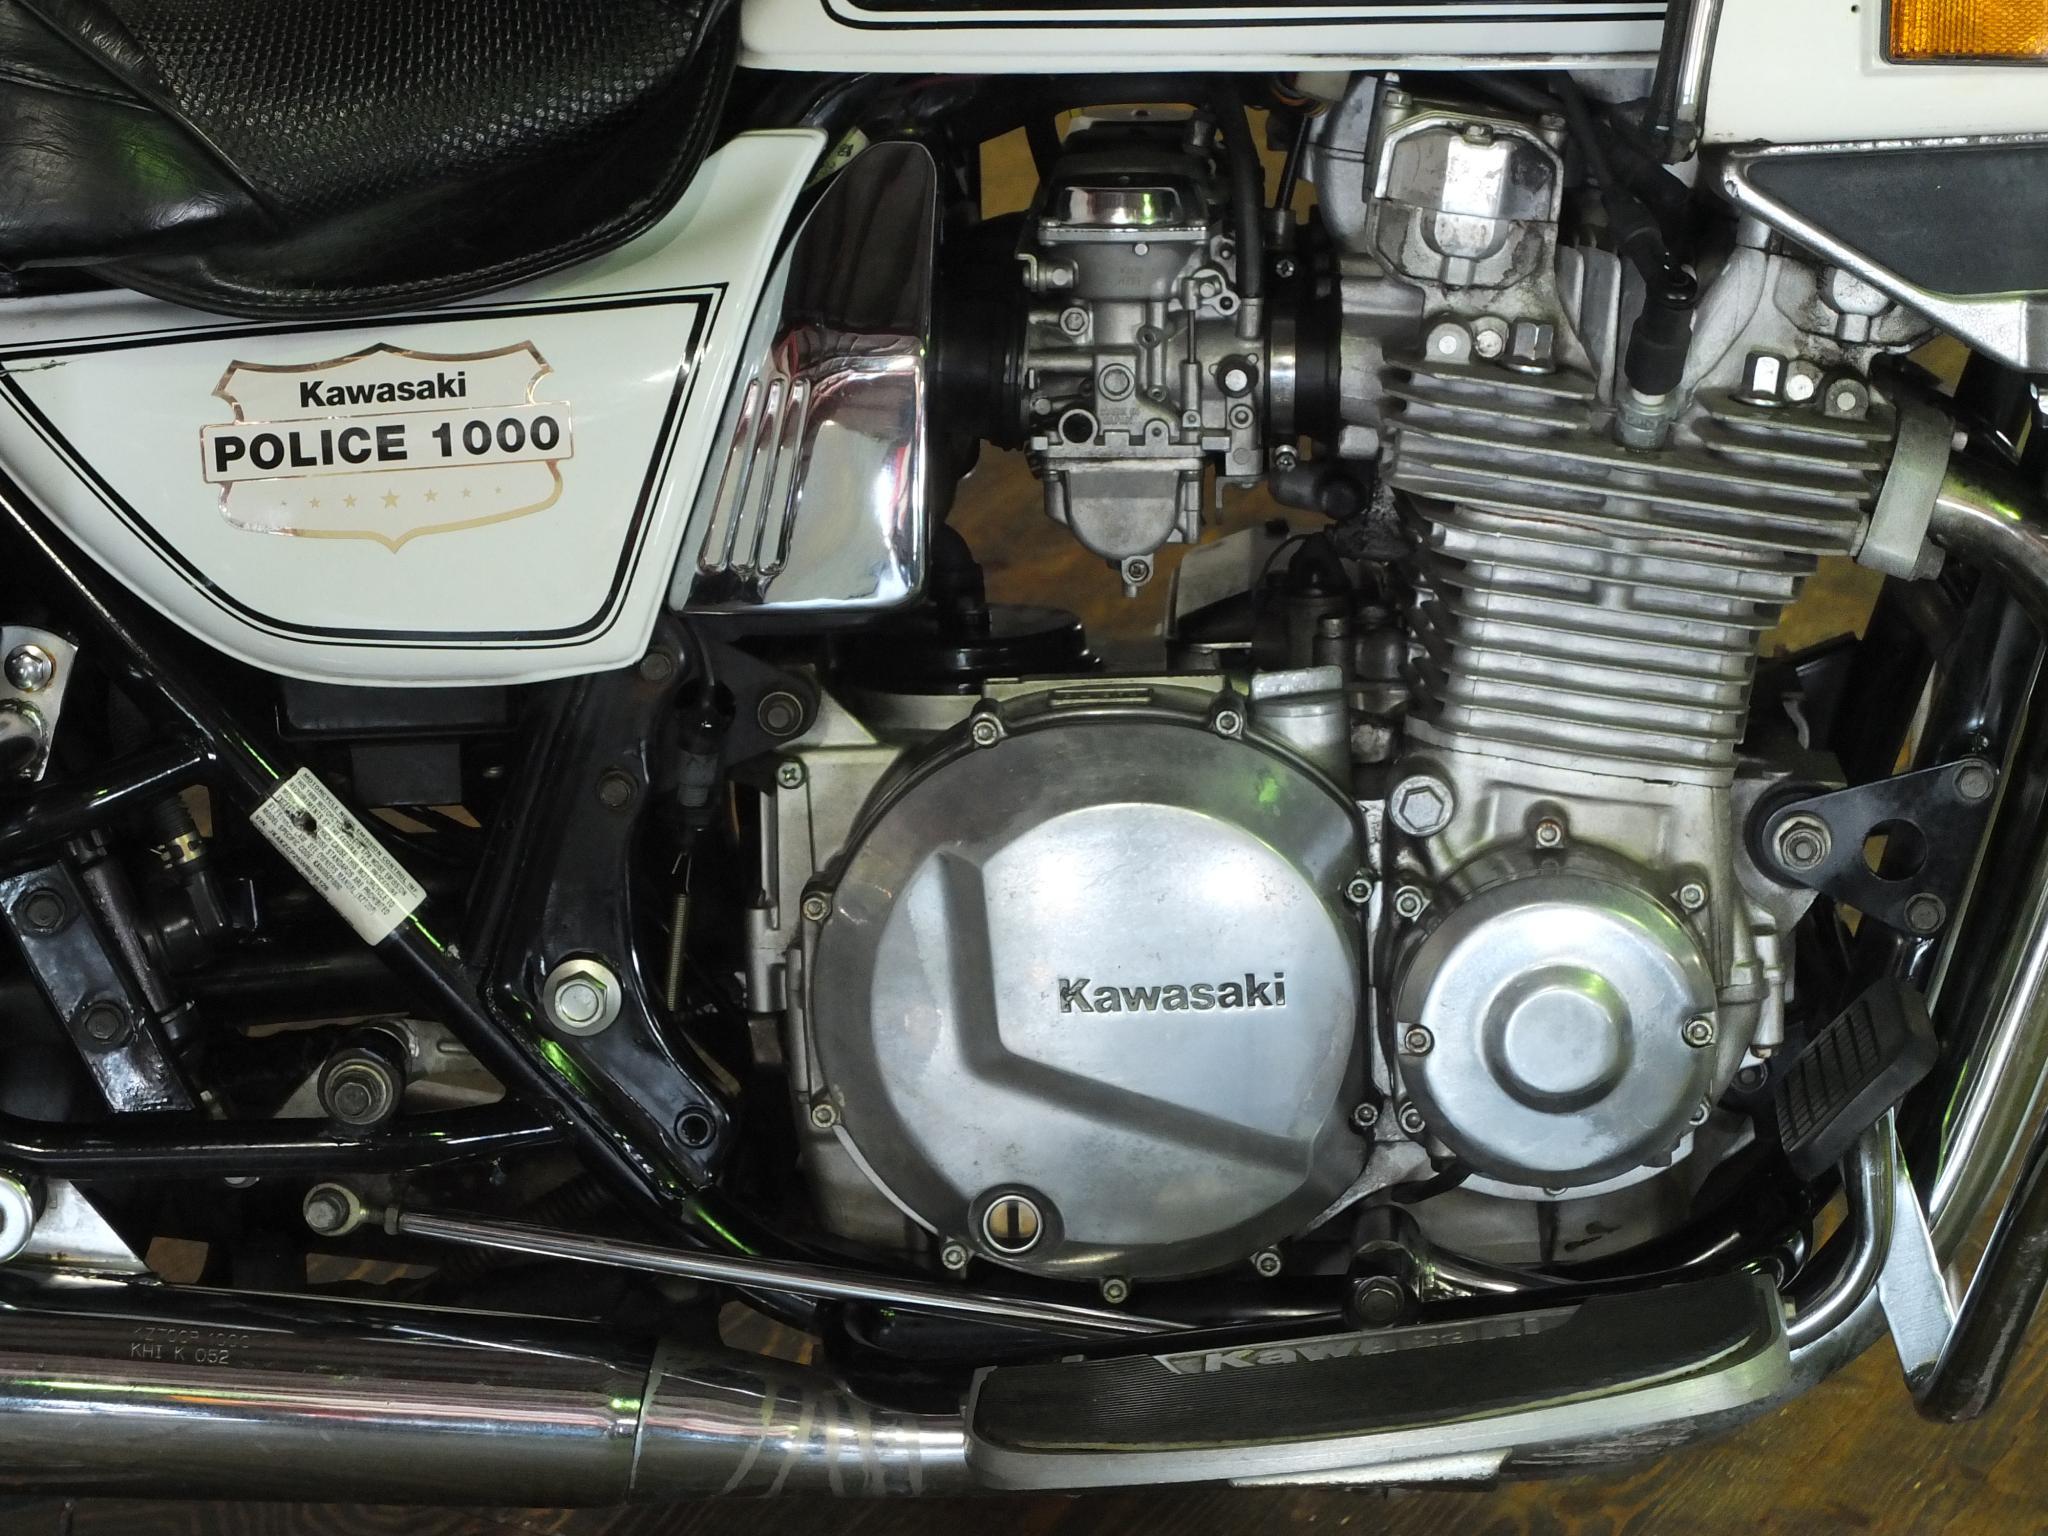 カワサキ 1998 Kawasaki KZ1000P 車体写真7